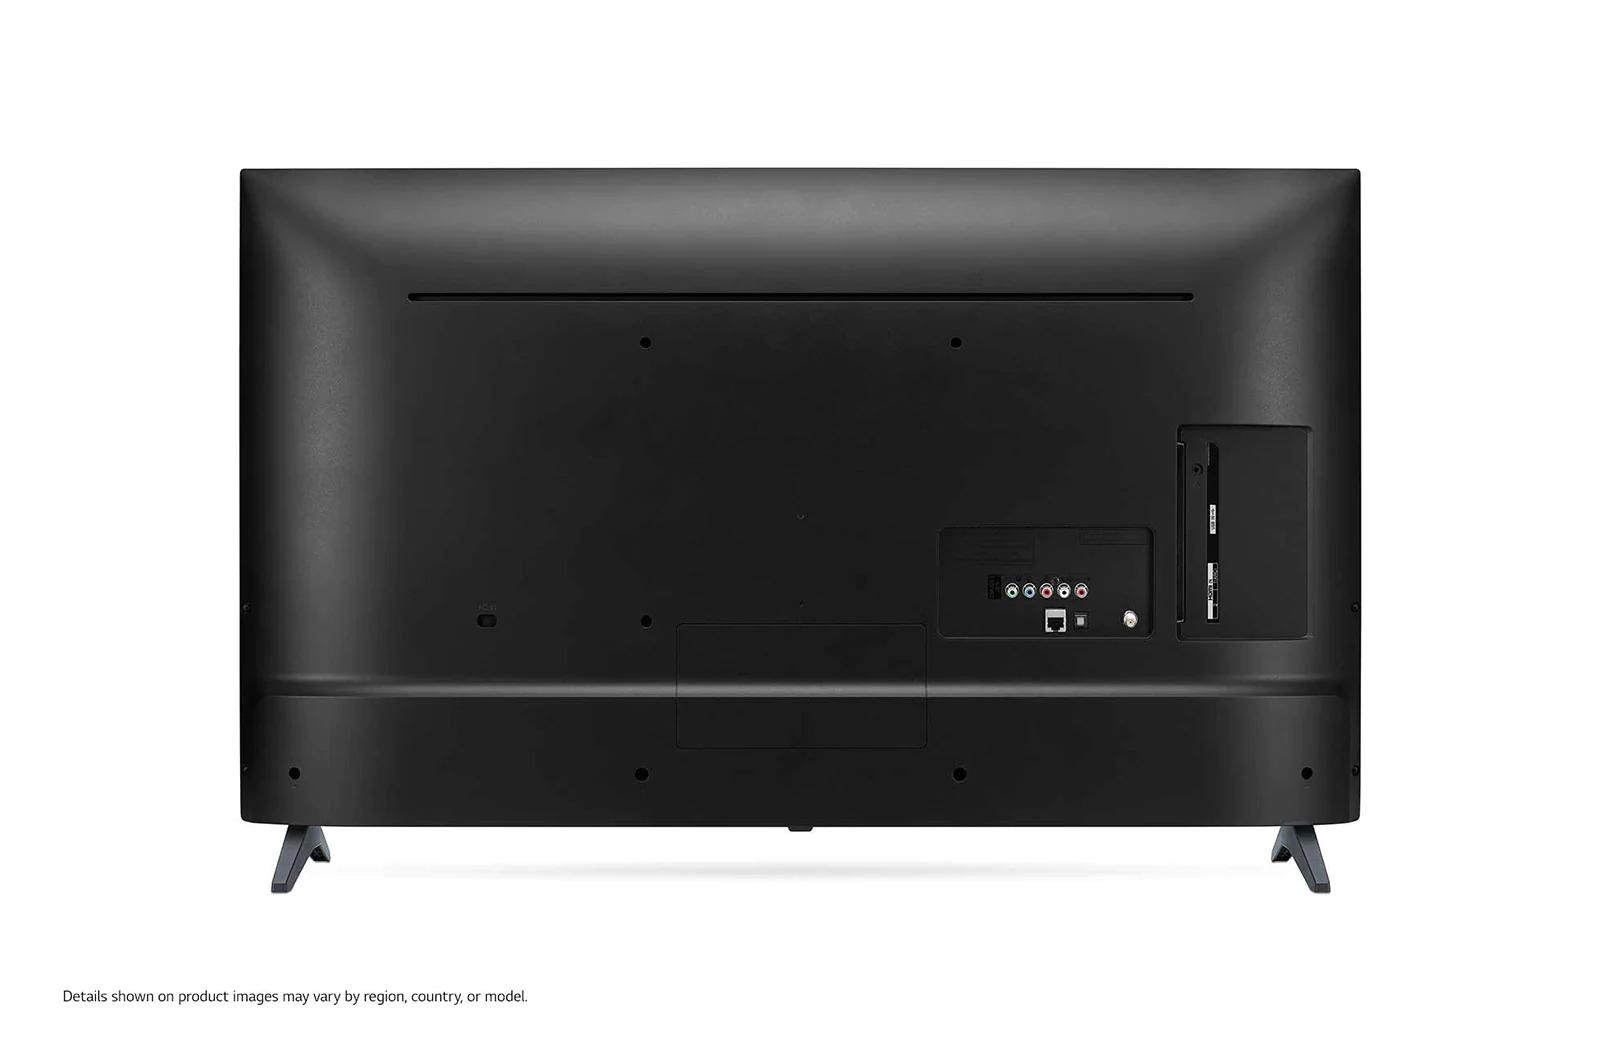 LG (43LM5600PTC) 43 (109cm) Full HD Smart TV